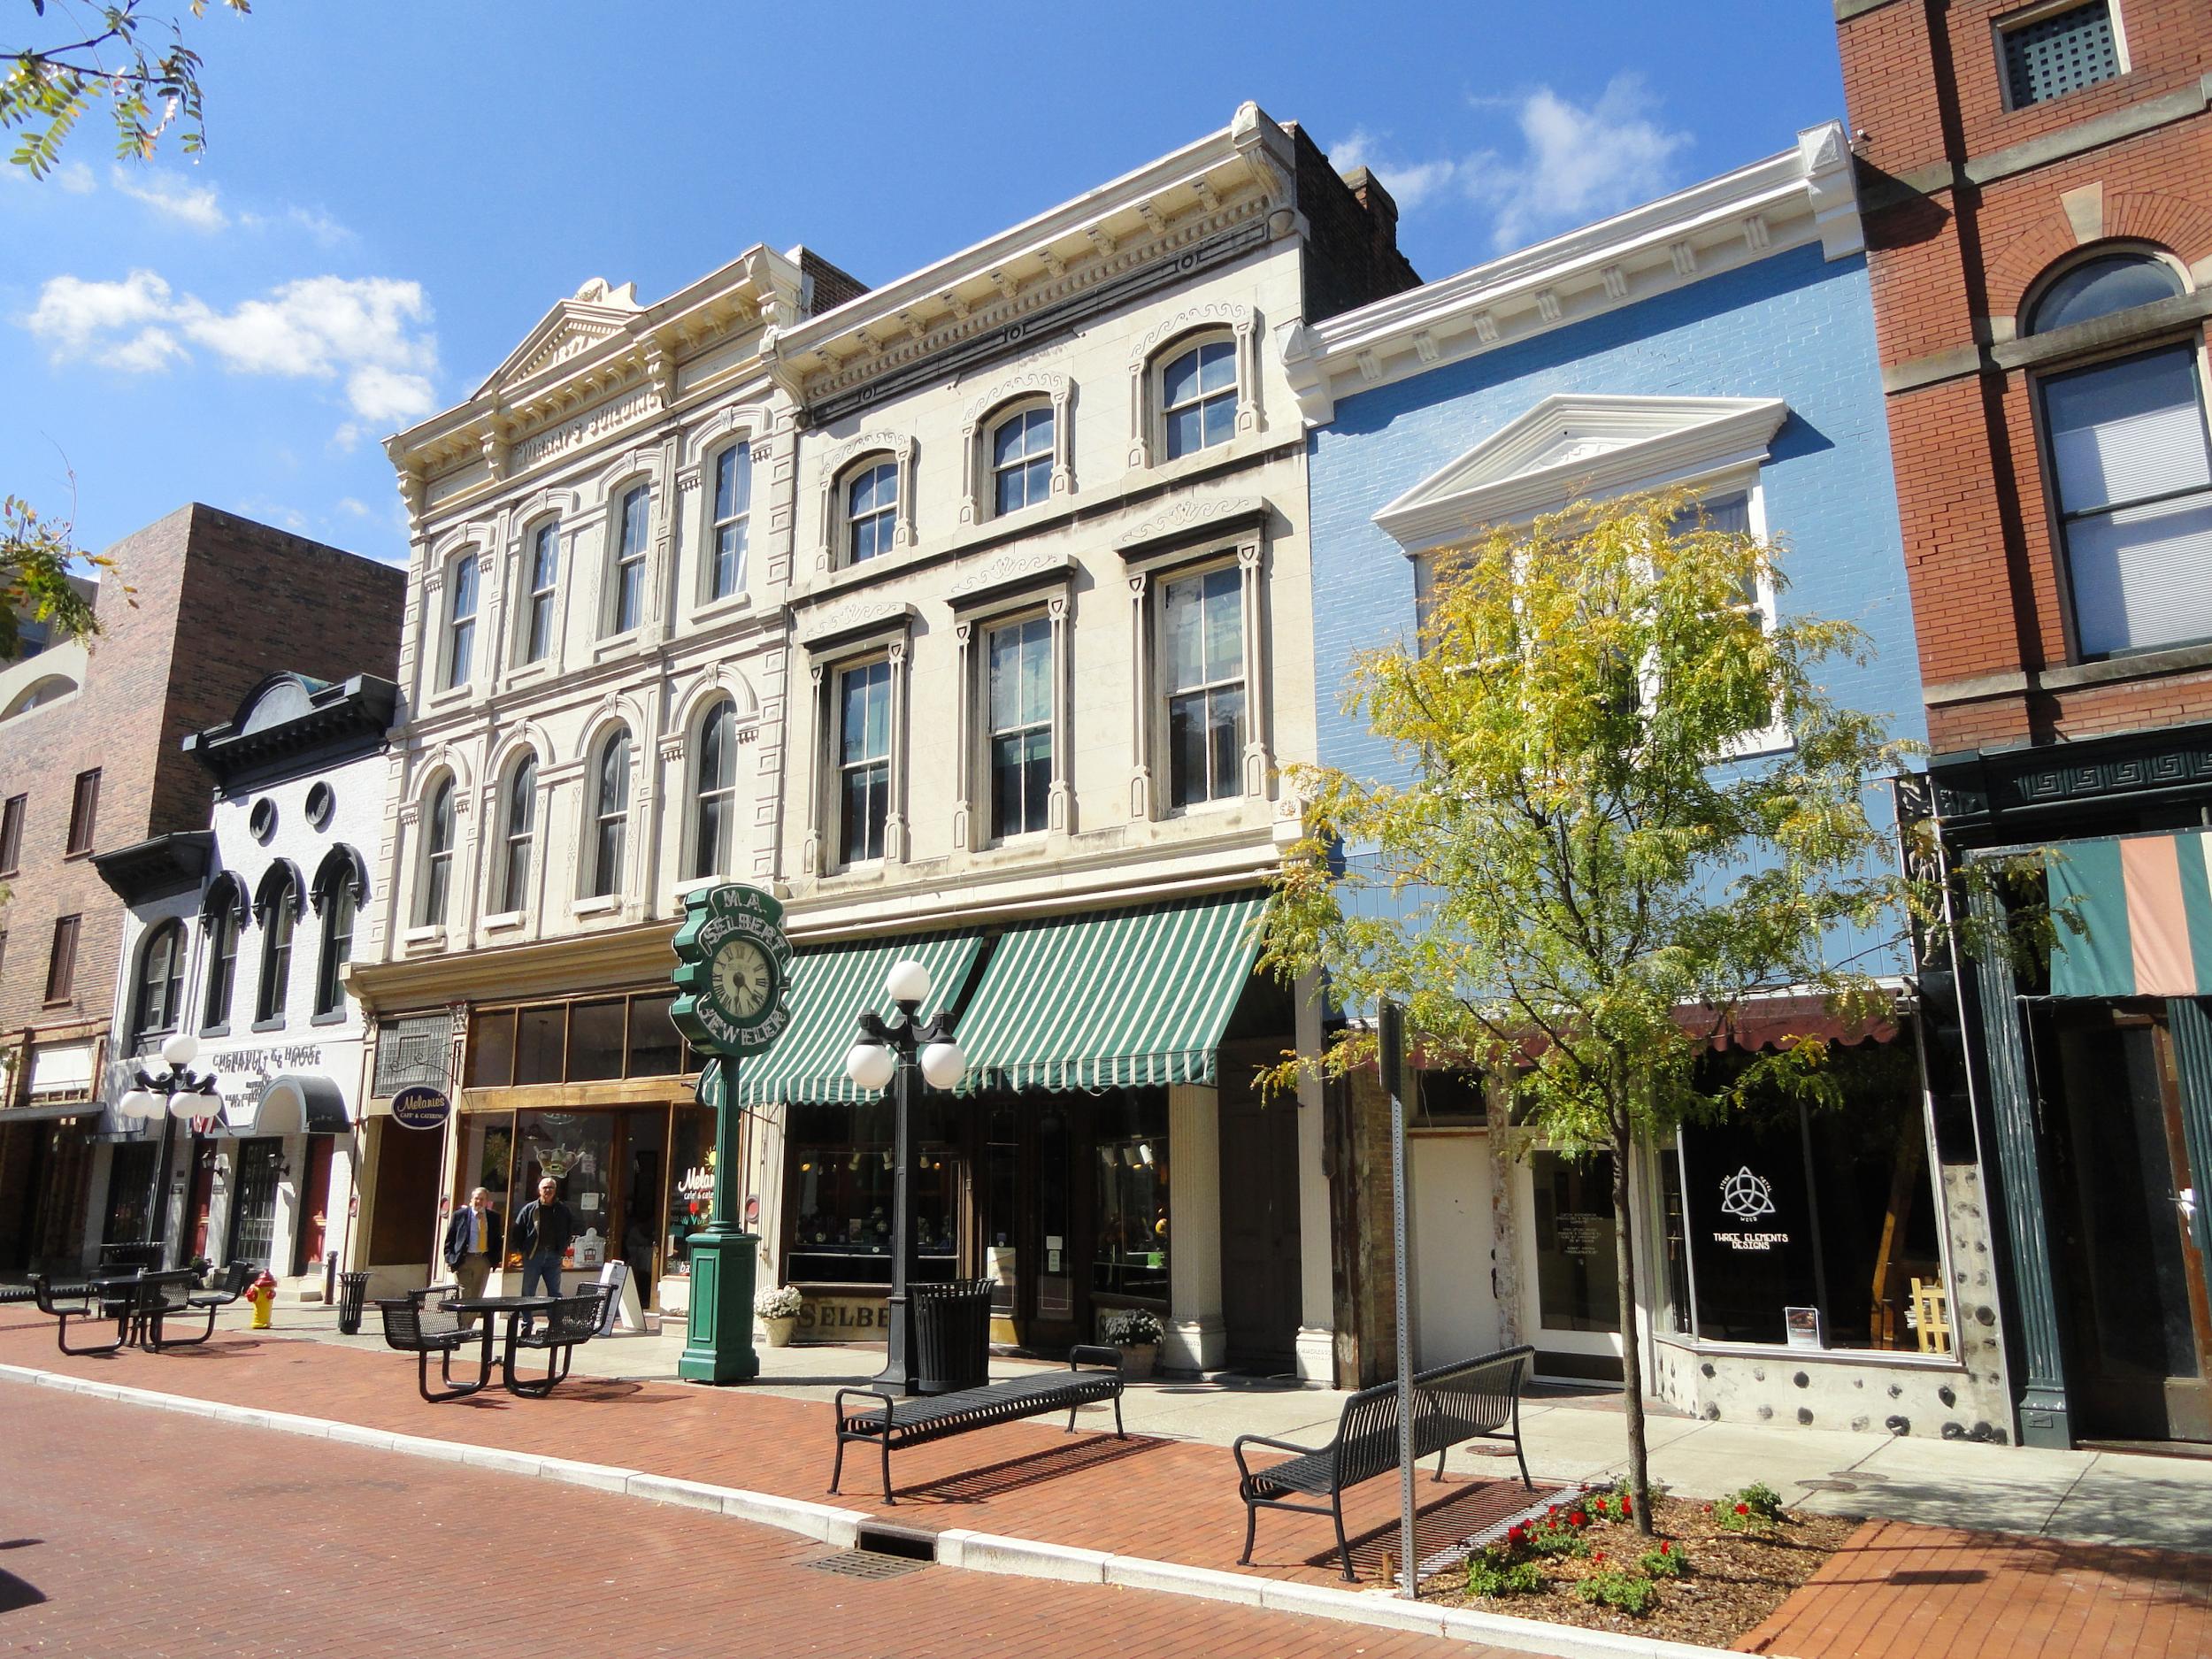 photograph of Frankfort, Kentucky